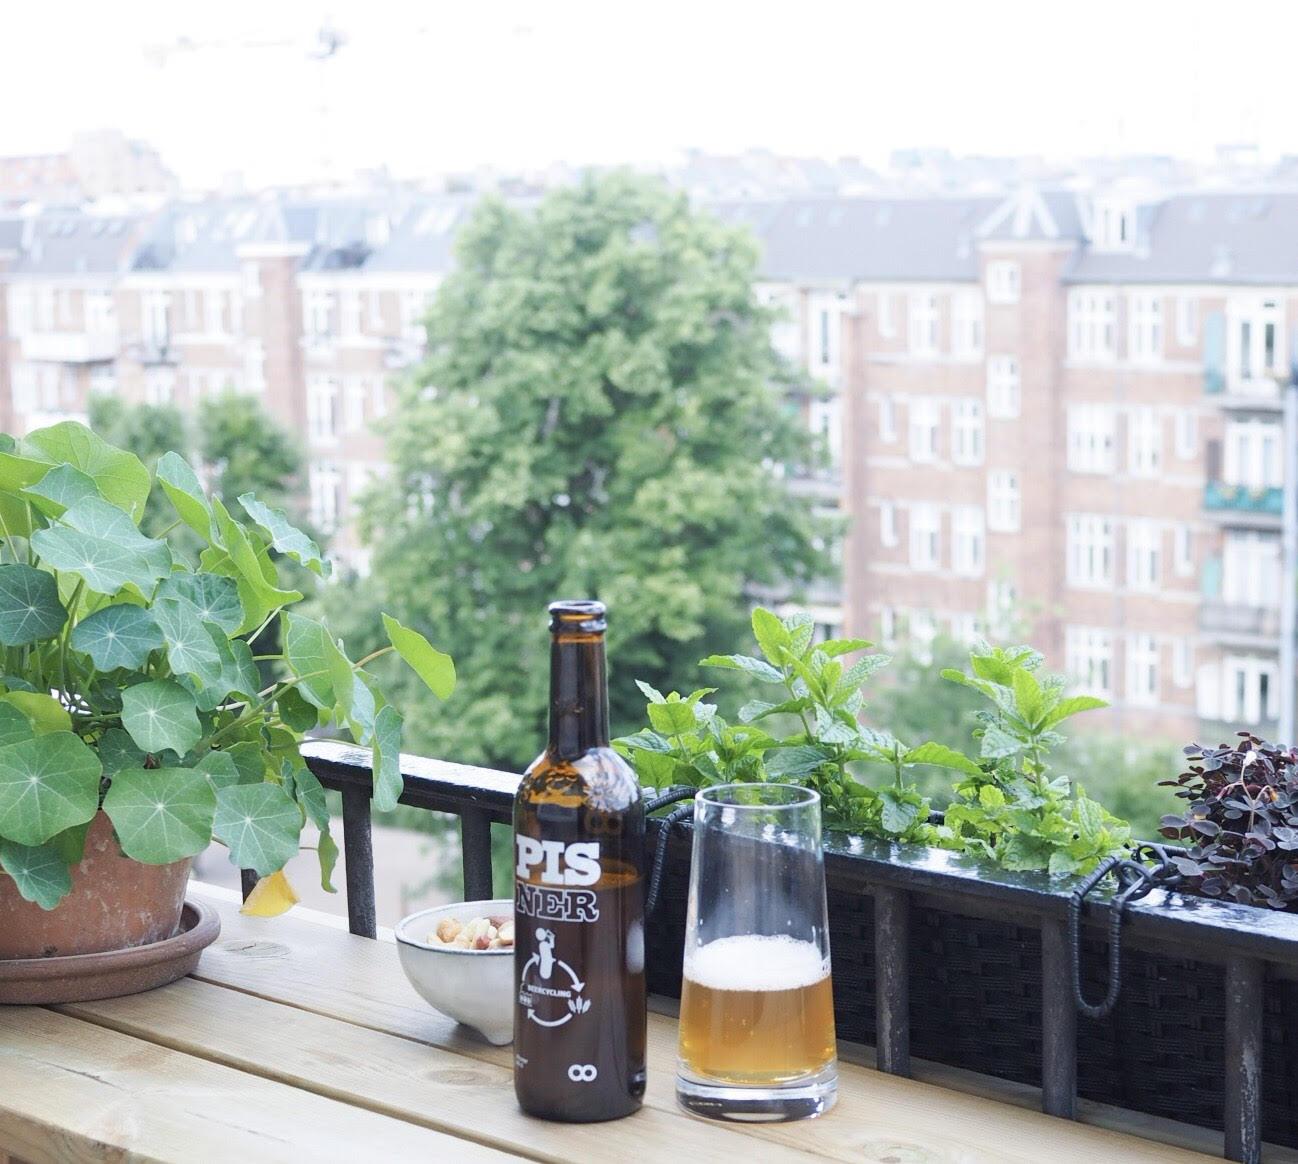 Pisner øl lavet på urin fra Roskilde Festival 2015